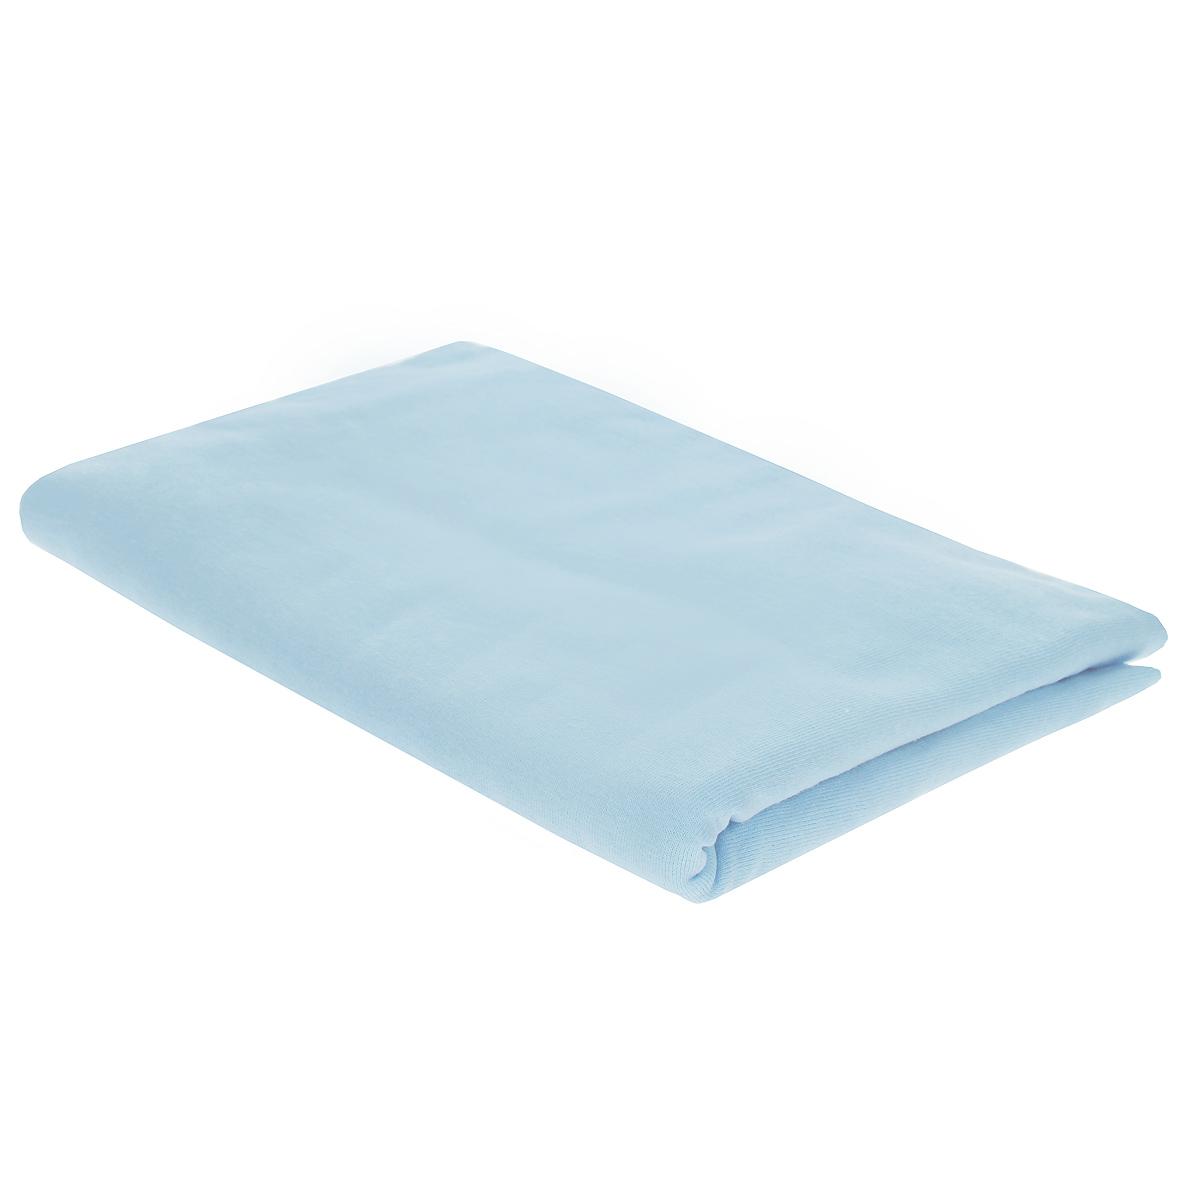 Пеленка трикотажная Трон-Плюс, цвет: голубой, 120 см х 90 см5401 гДетская пеленка Трон-Плюс подходит для пеленания ребенка с самого рождения. Она невероятно мягкая и нежная на ощупь. Пеленка выполнена из кулирки - тонкого трикотажного материала из хлопка гладкого покроя. Такая ткань прекрасно дышит, она гипоаллергенна, почти не мнется и не теряет формы после стирки. Мягкая ткань укутывает малыша с необычайной нежностью. Пеленку также можно использовать как легкое одеяло в жаркую погоду, простынку, полотенце после купания, накидку для кормления грудью или солнцезащитный козырек. Ее размер подходит для пеленания даже крупного малыша. Характеристики: Размер пеленки: 120 см x 90 см.